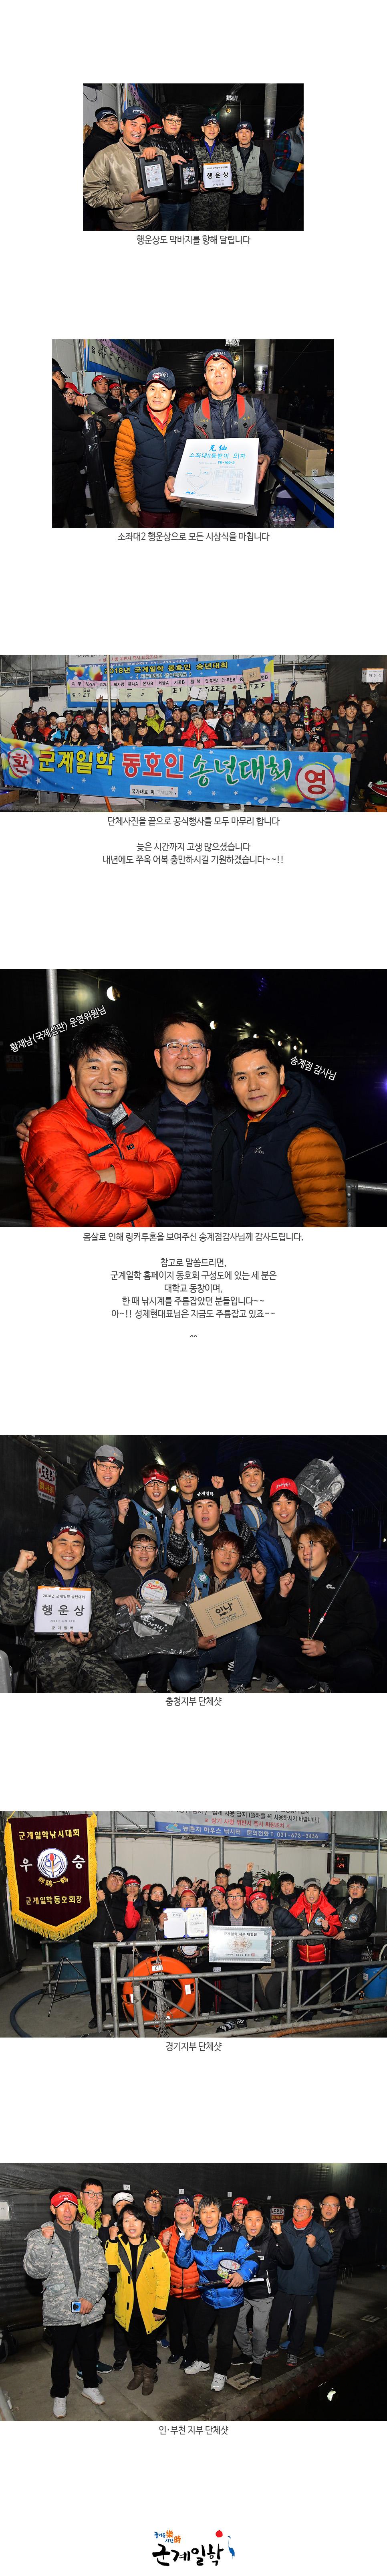 2018 군계일학 송년회(농촌지) - 12.jpg